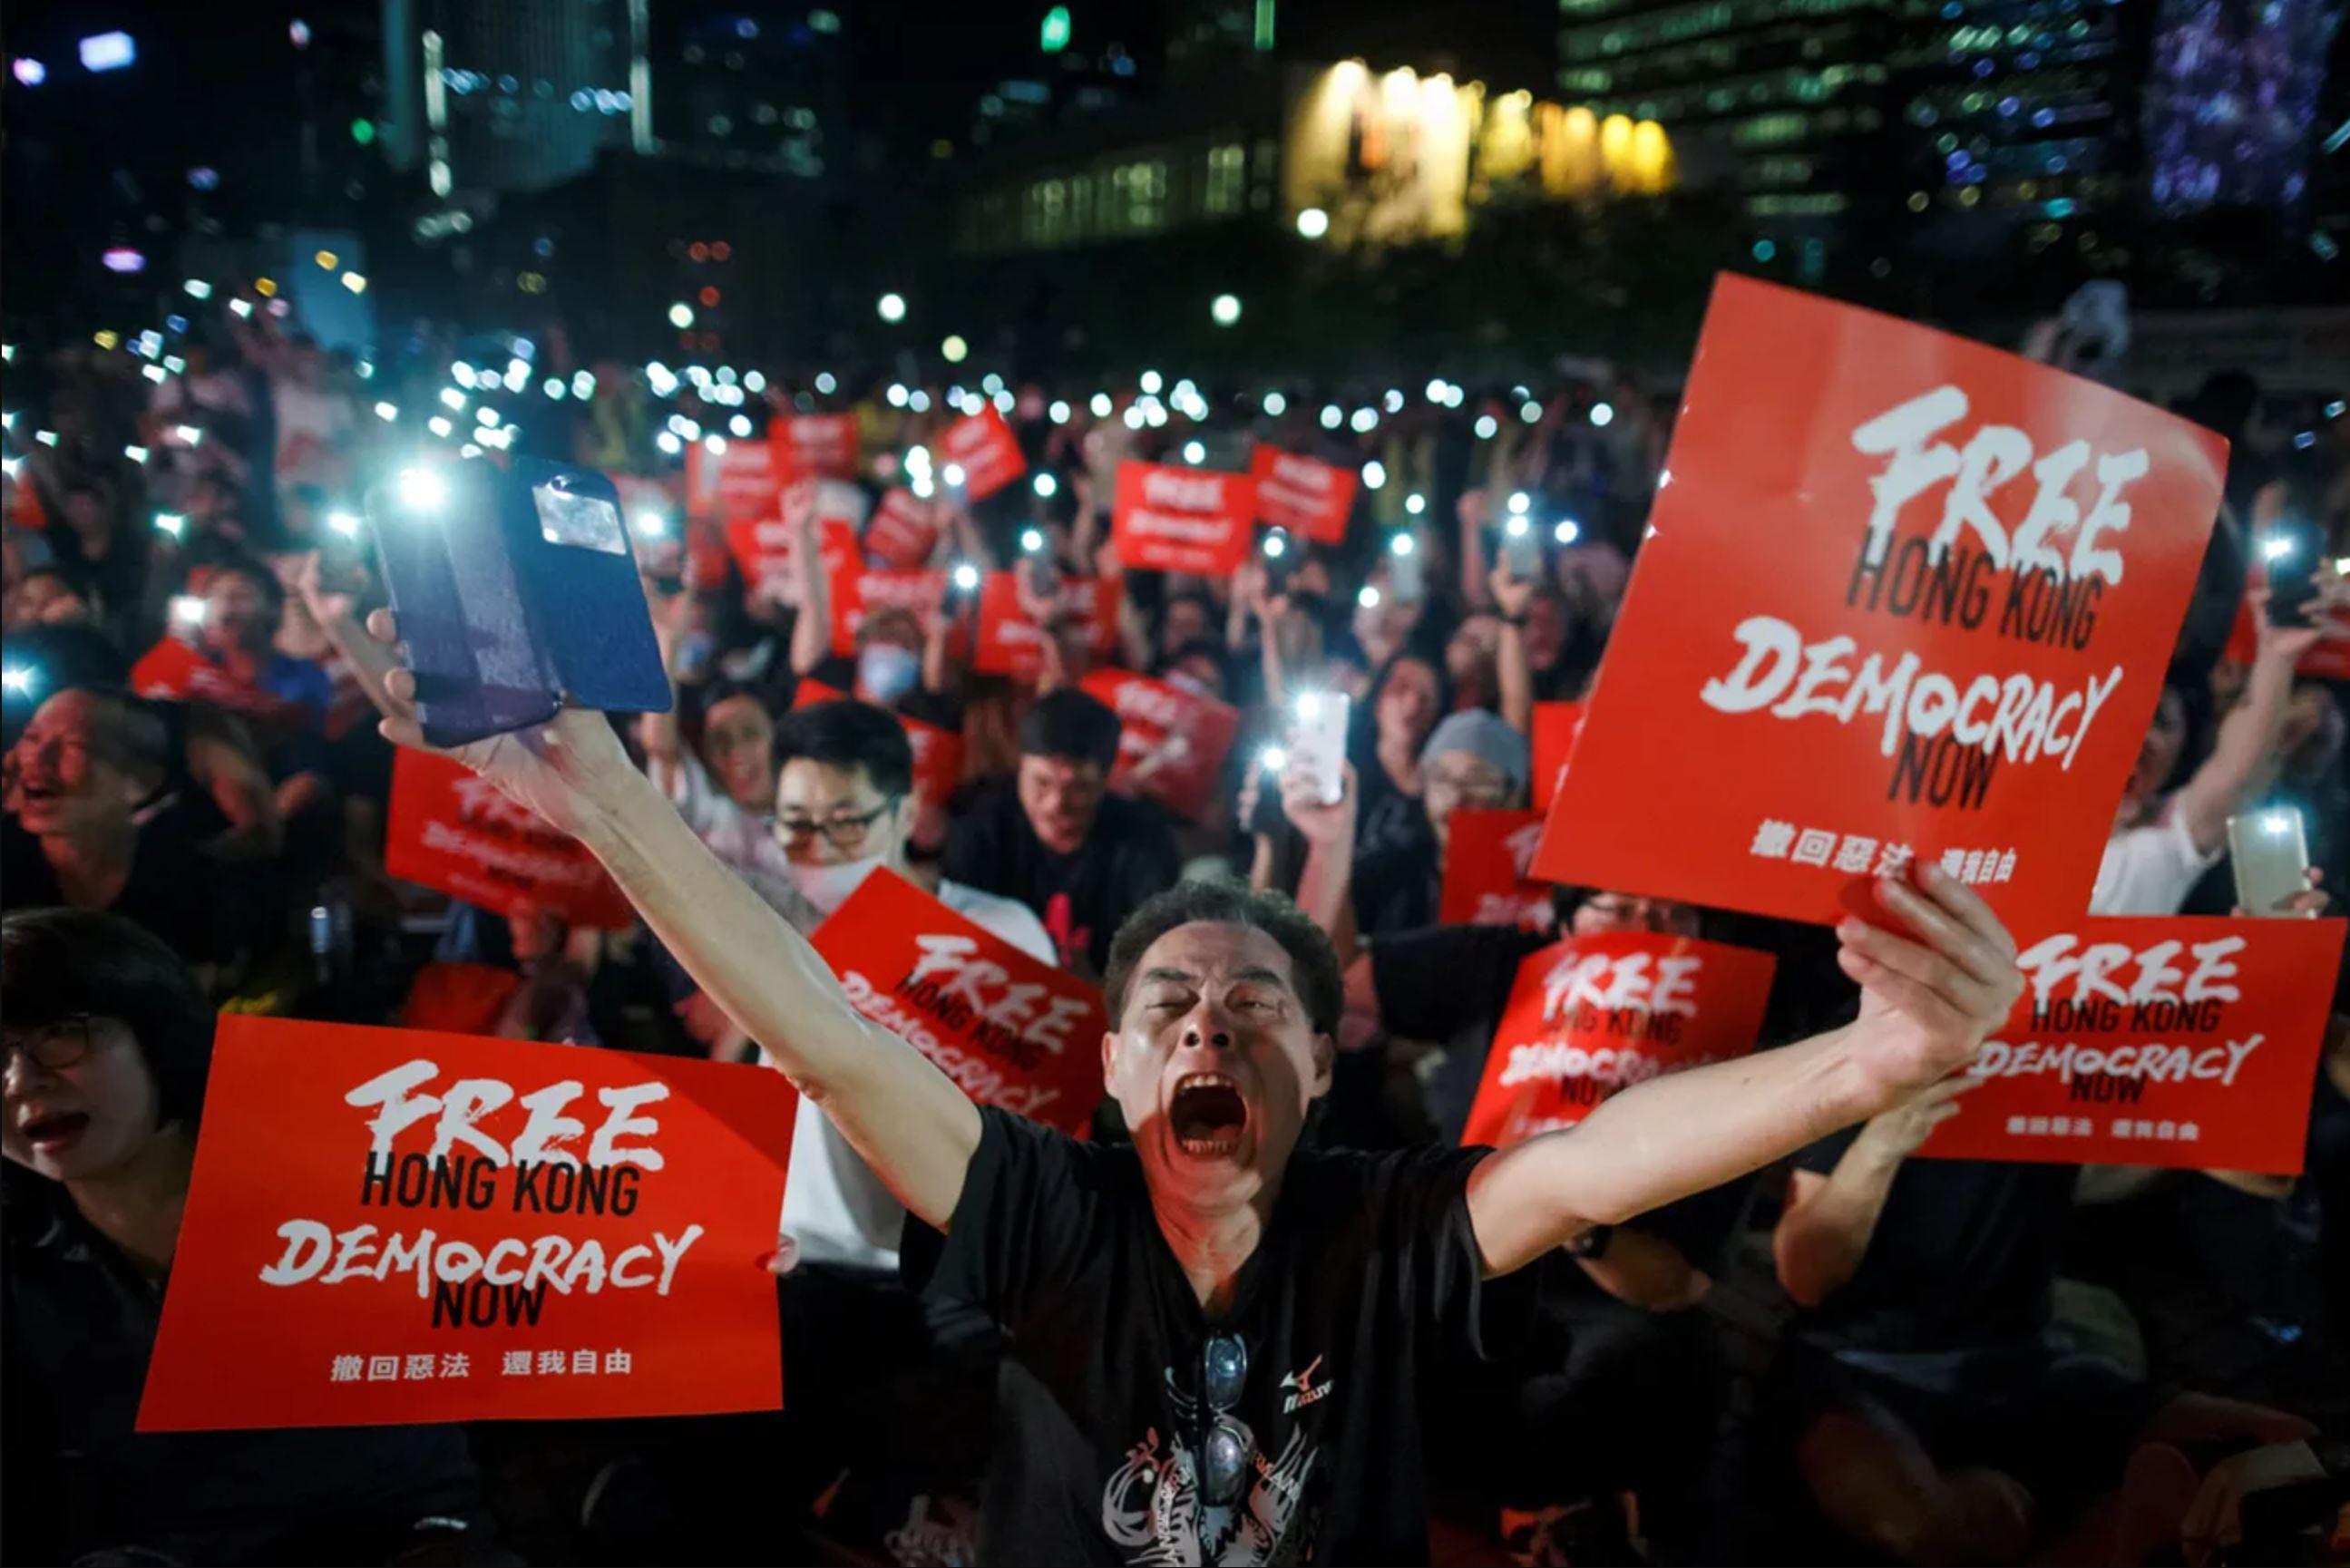 Антикитайские демонстрации в Гонконге — на улицы вышли миллионы человек. Протестующие с лозунгами «Свободу Гонконгу! Демократия — сейчас!»